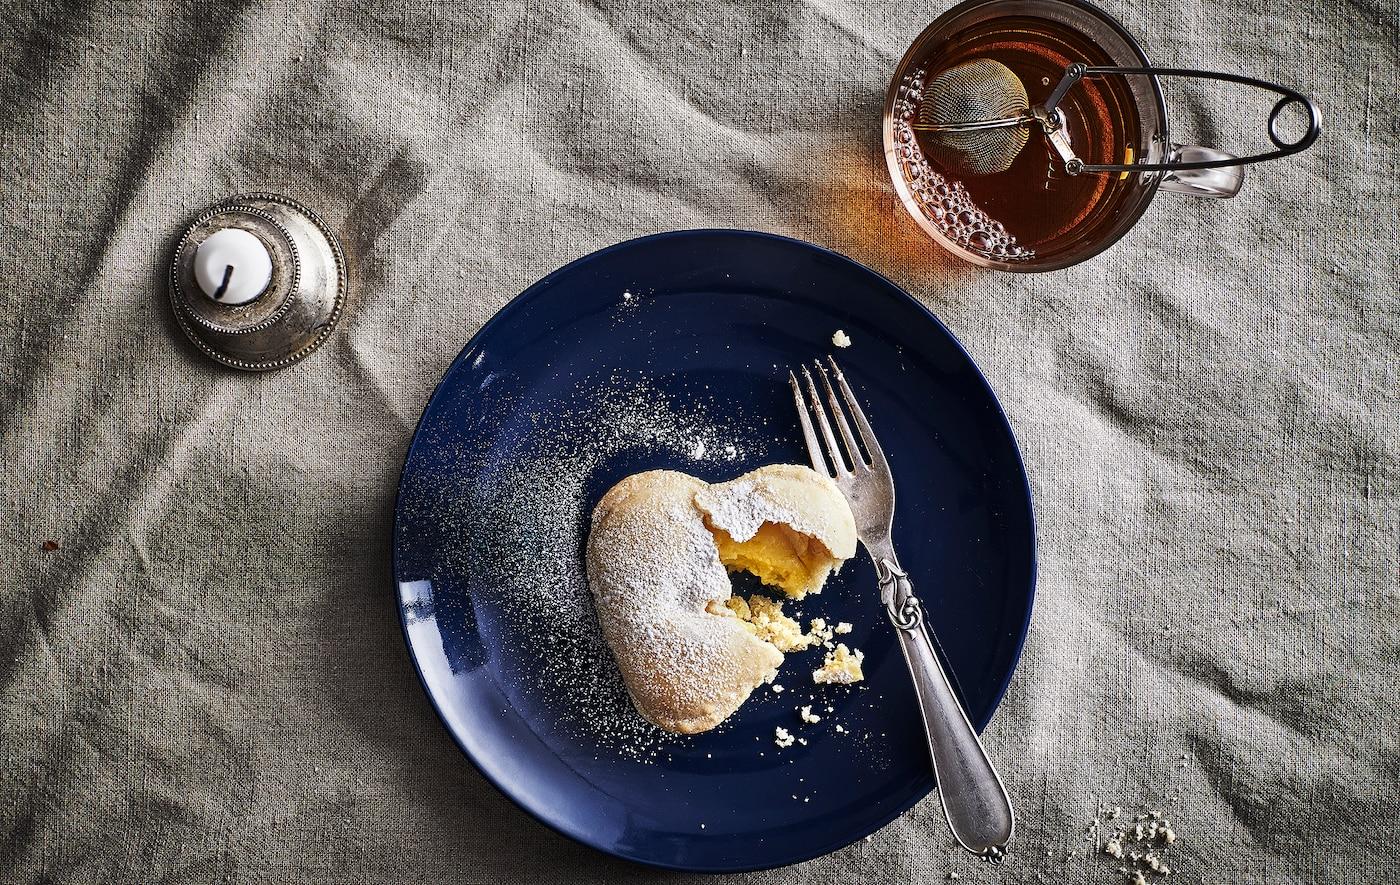 Un biscuit cu vanilie, în formă de inimă și o furculiță pe o farfurie albastru închis, o cană cu ceai și o lumânare.